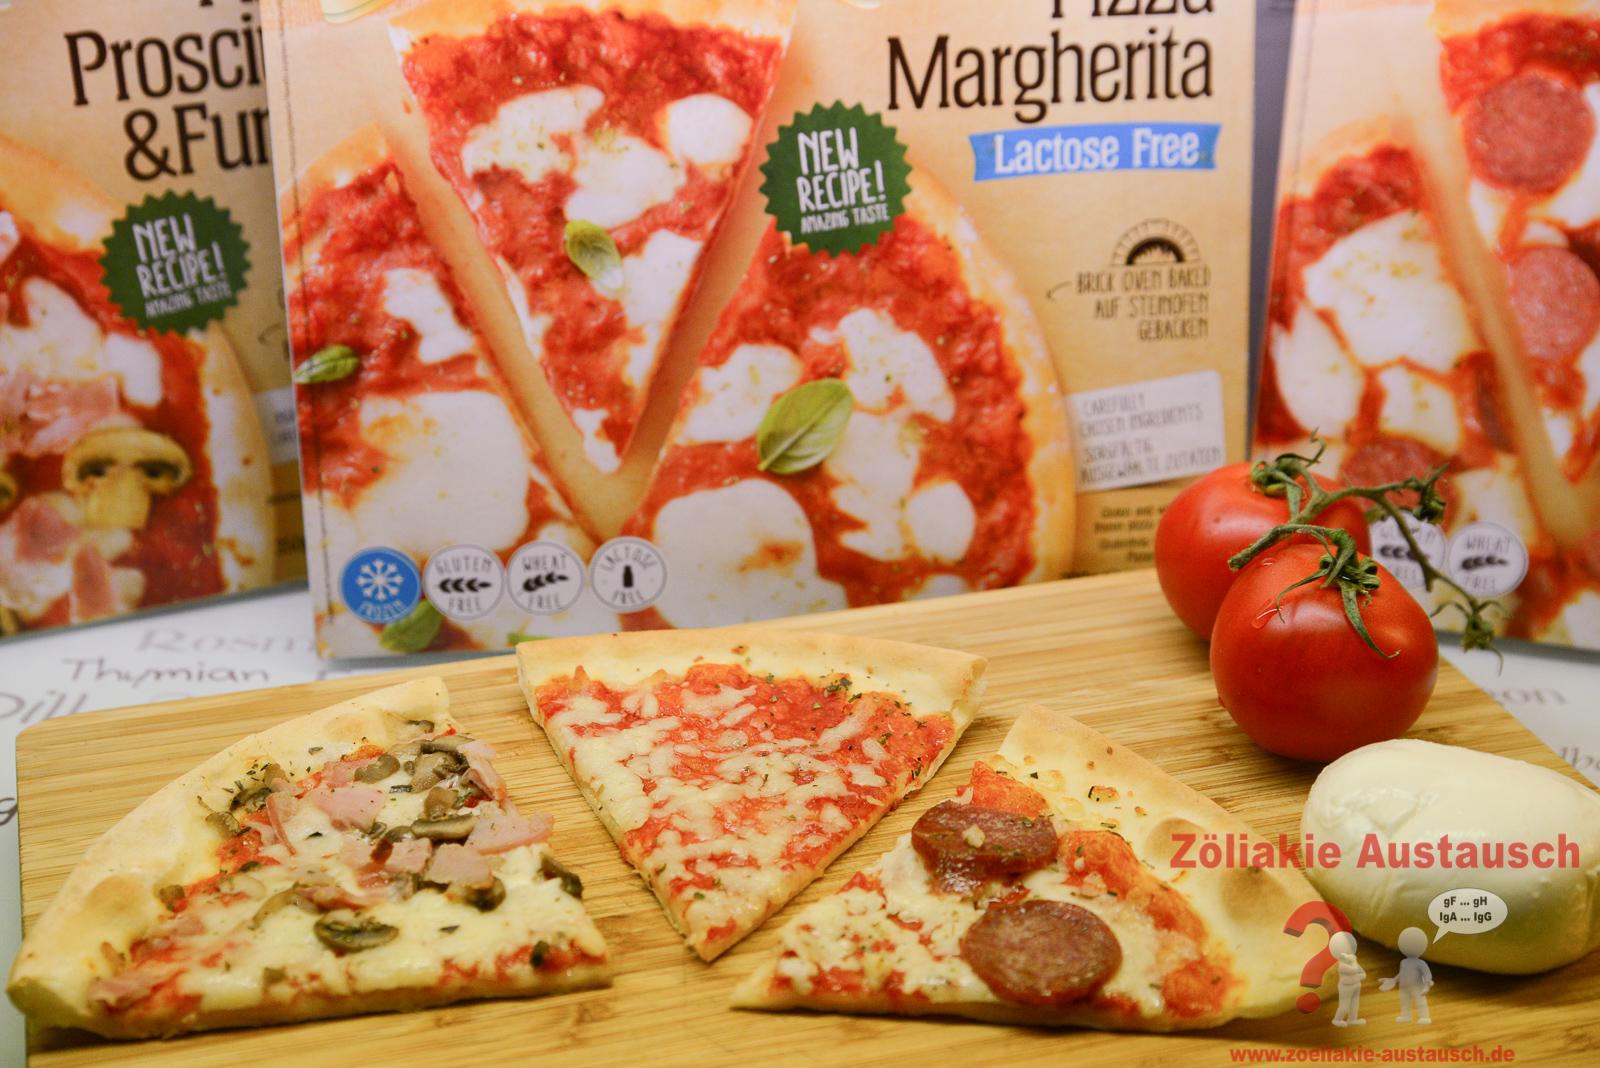 Schaer_Pizza-Zoeliakie_Austausch_035